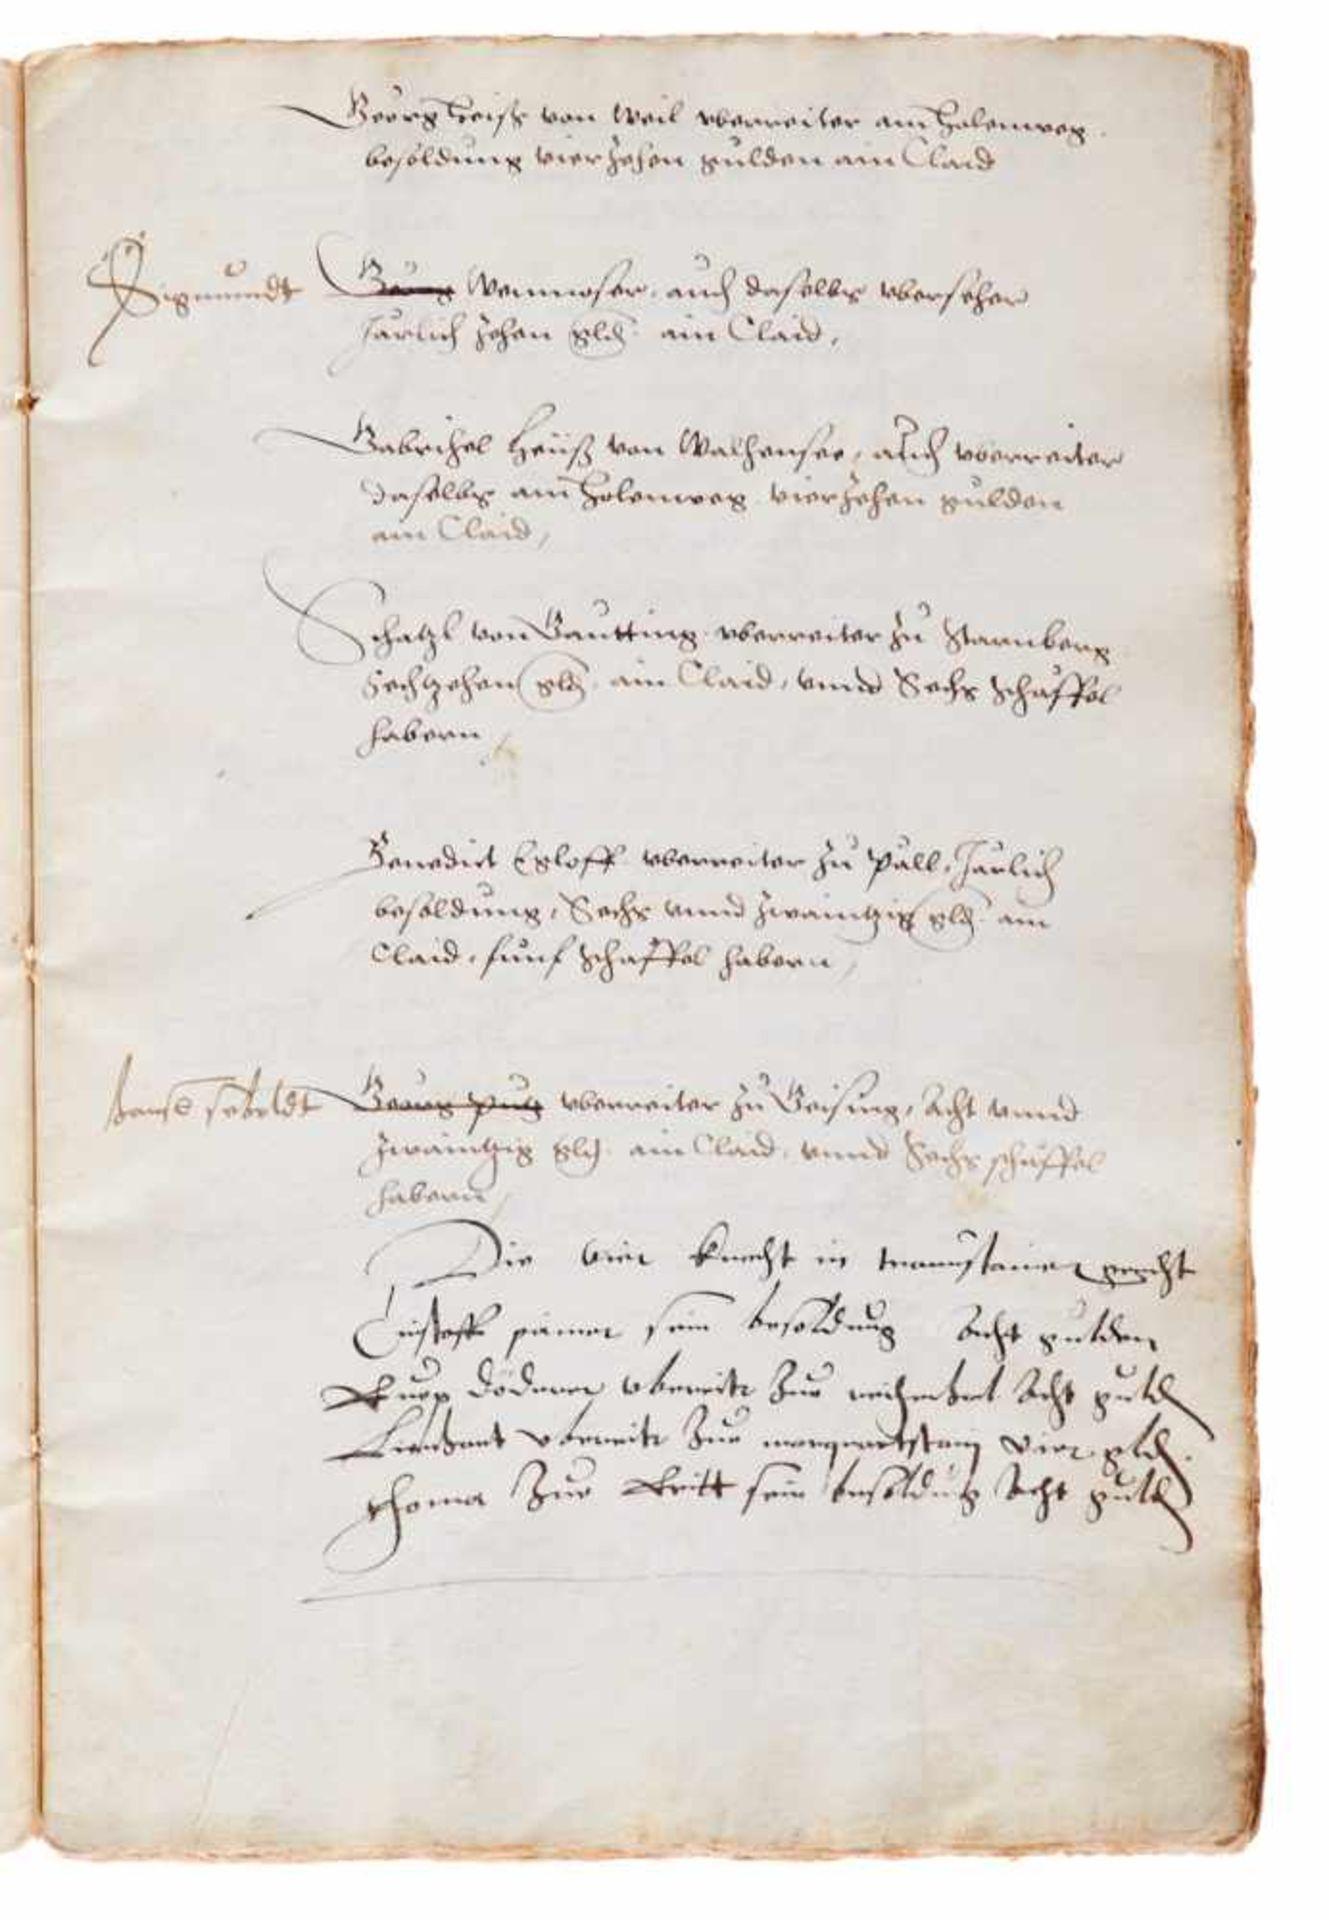 Bayern- Jagdordnung - Deutsche Handschrift auf Papier. Wohl München,dat. (15)51. Fol. Mit - Bild 2 aus 2